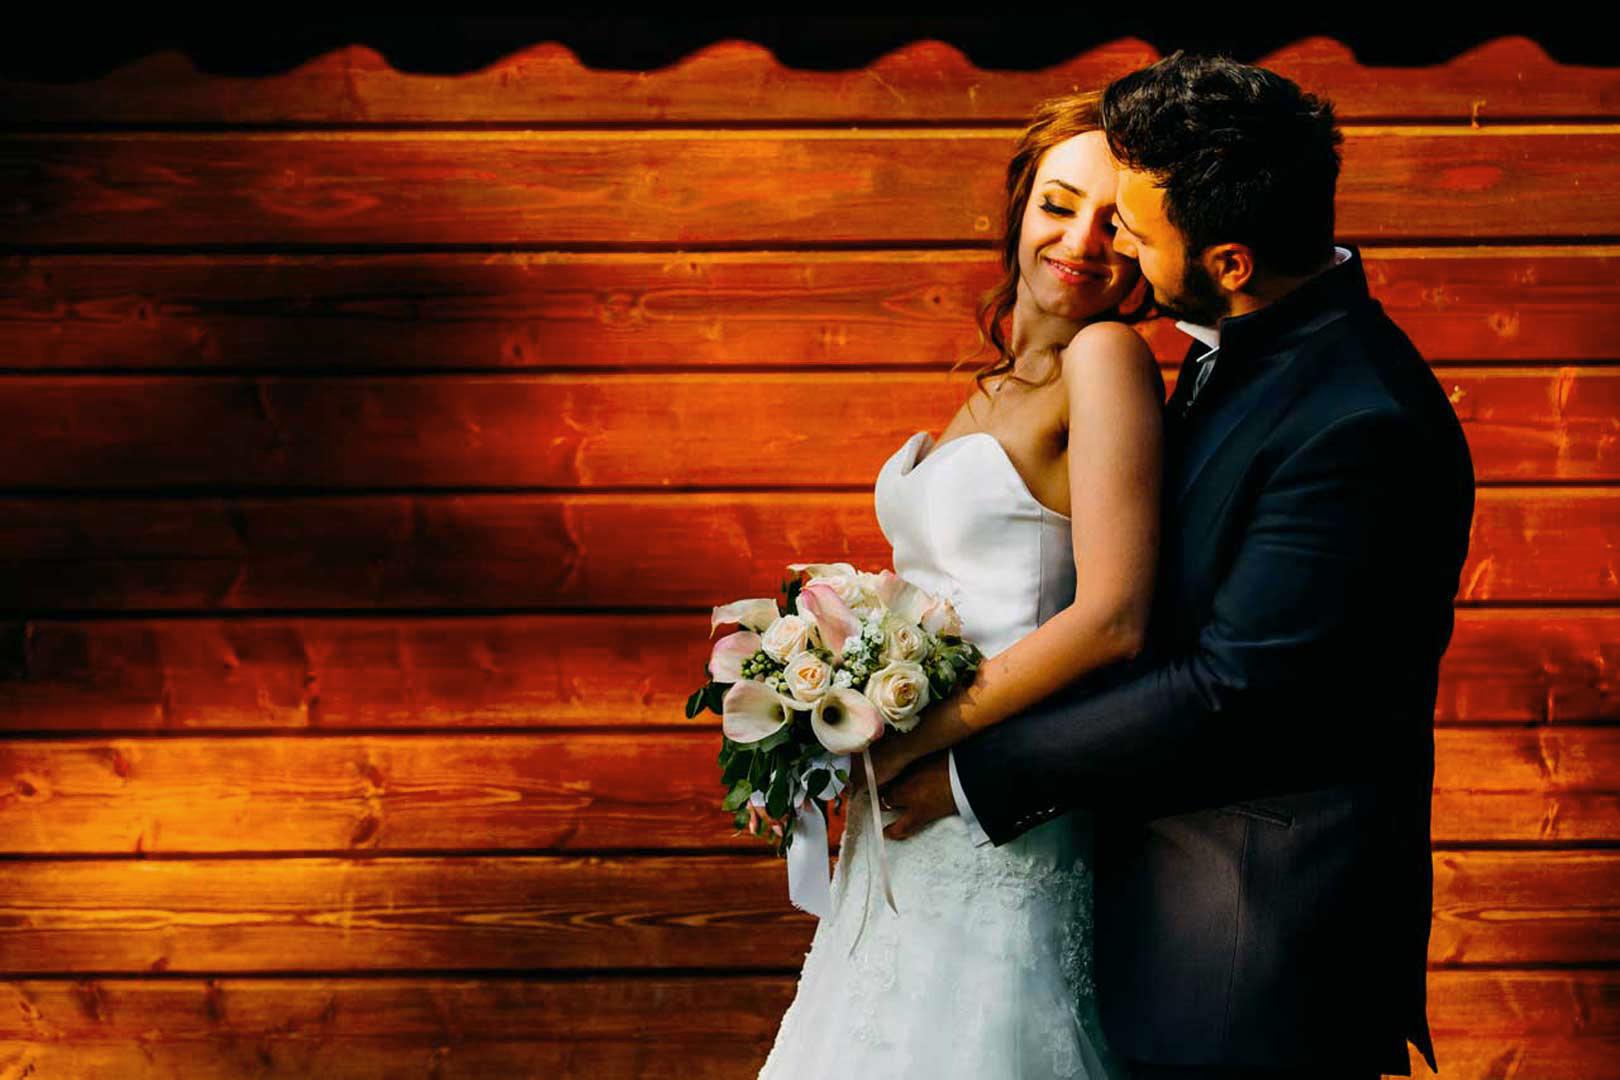 031-ritratto-coppia-matrimonio-gianni-lepore